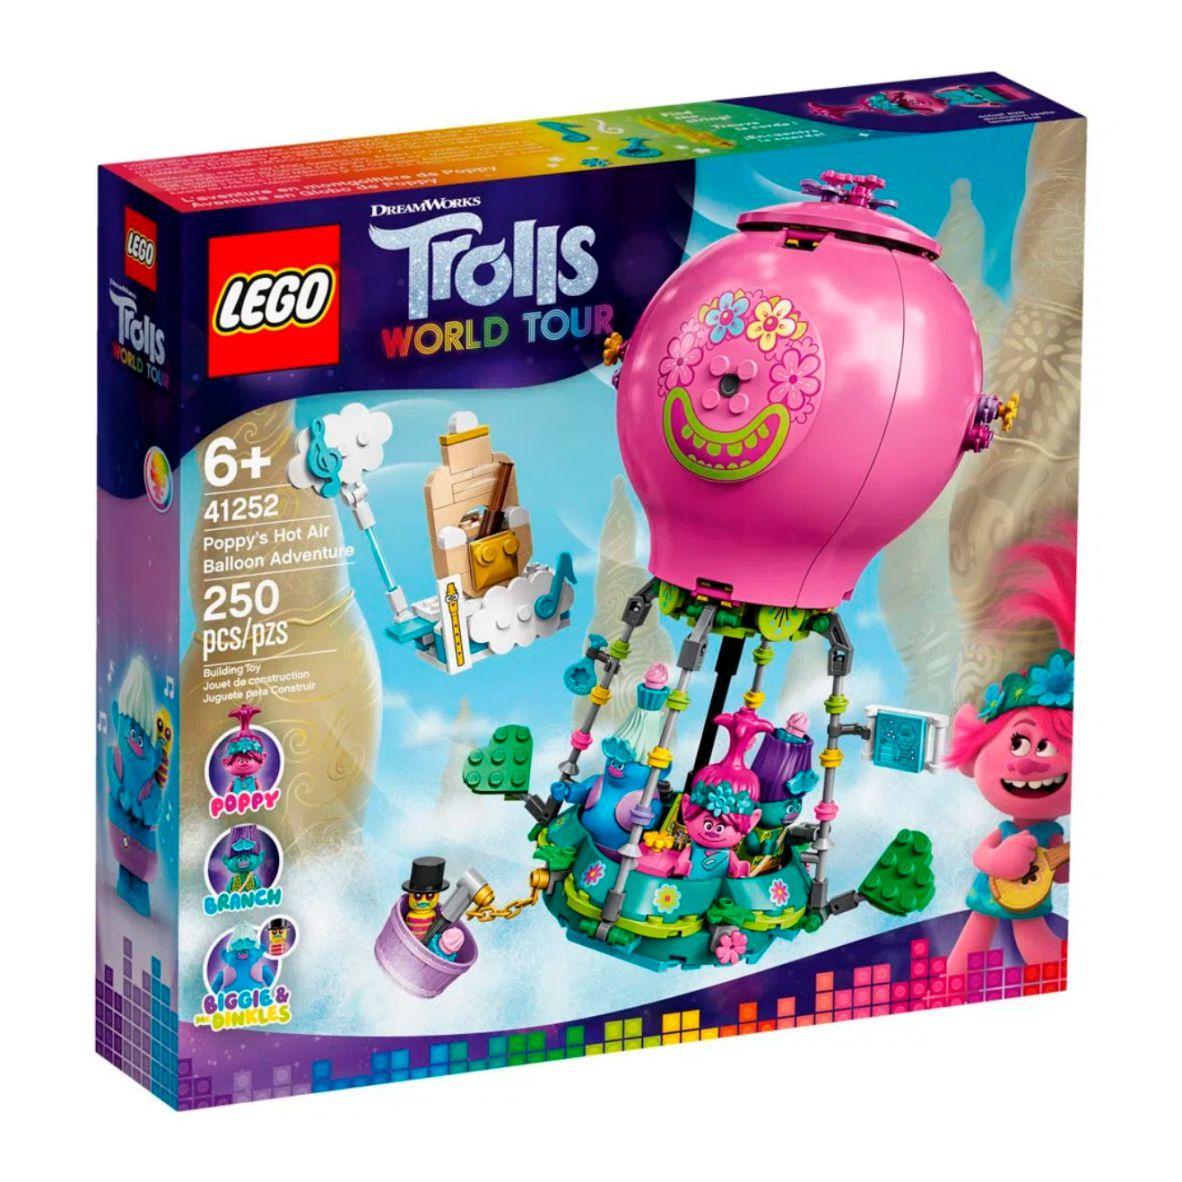 LEGO Trolls - Word Tour - A Aventura no Balão de Poppy - 41252